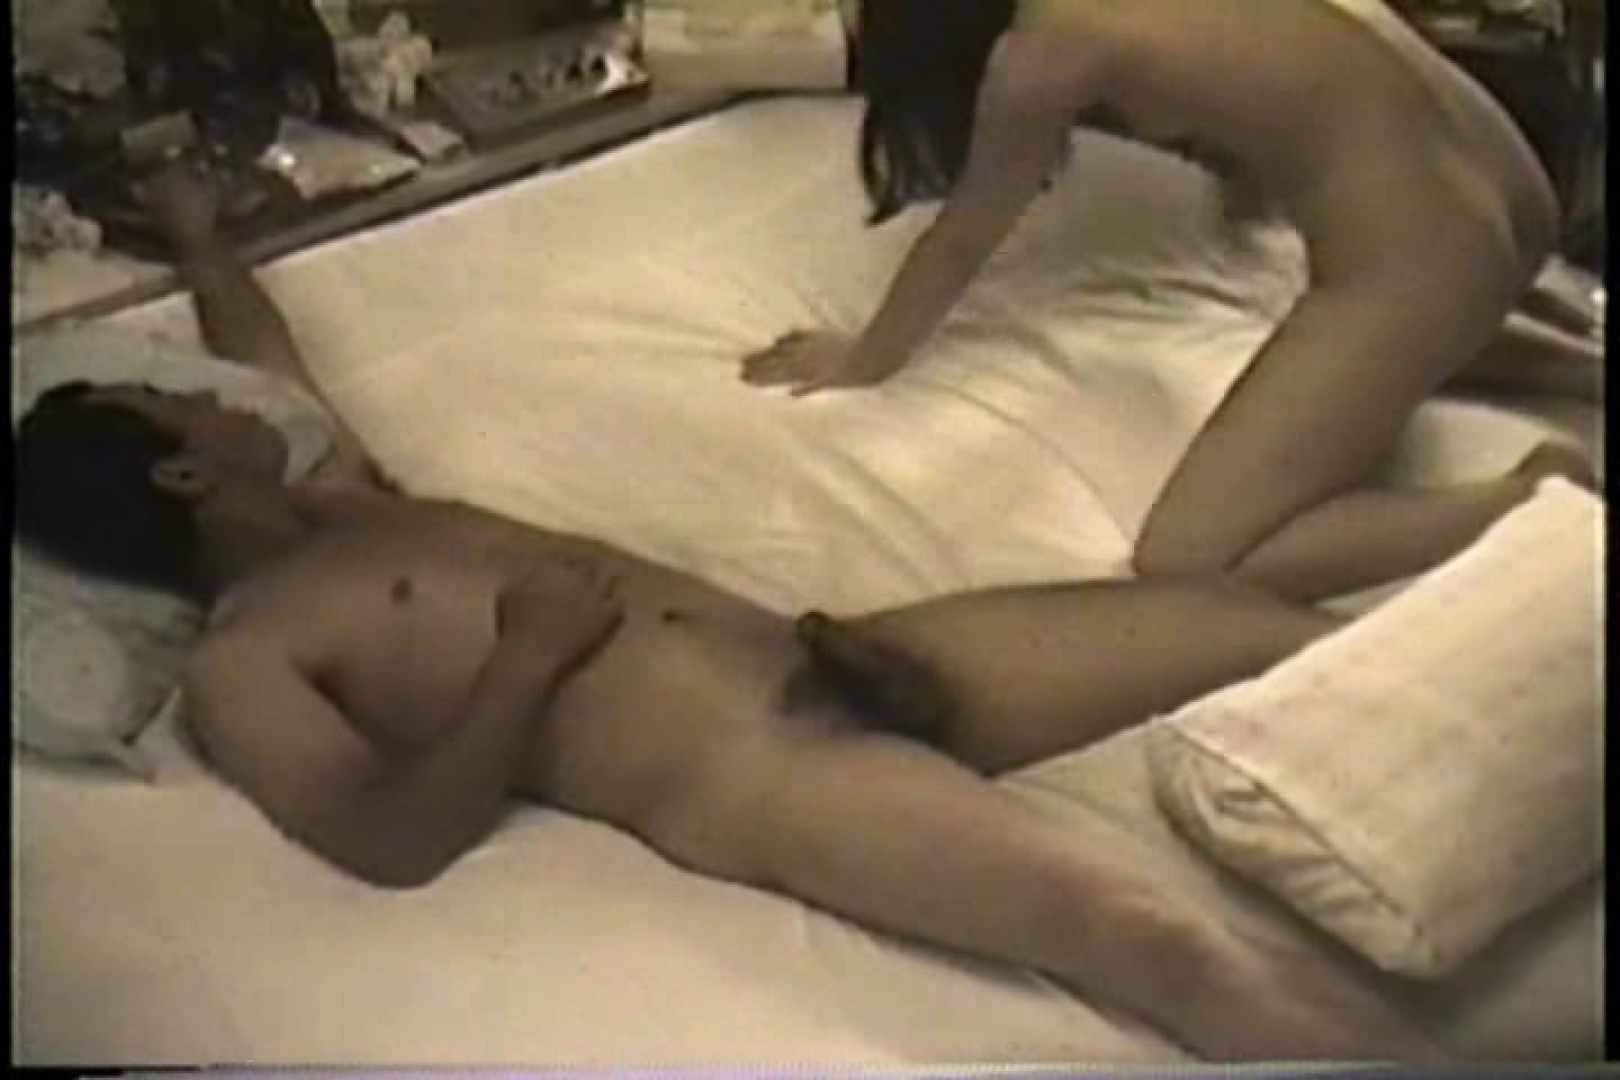 実録!ラブホテル~消し忘れ注意!昭和の色編~ vol.26 ホテルでエッチ | ラブホテル  98PIX 79